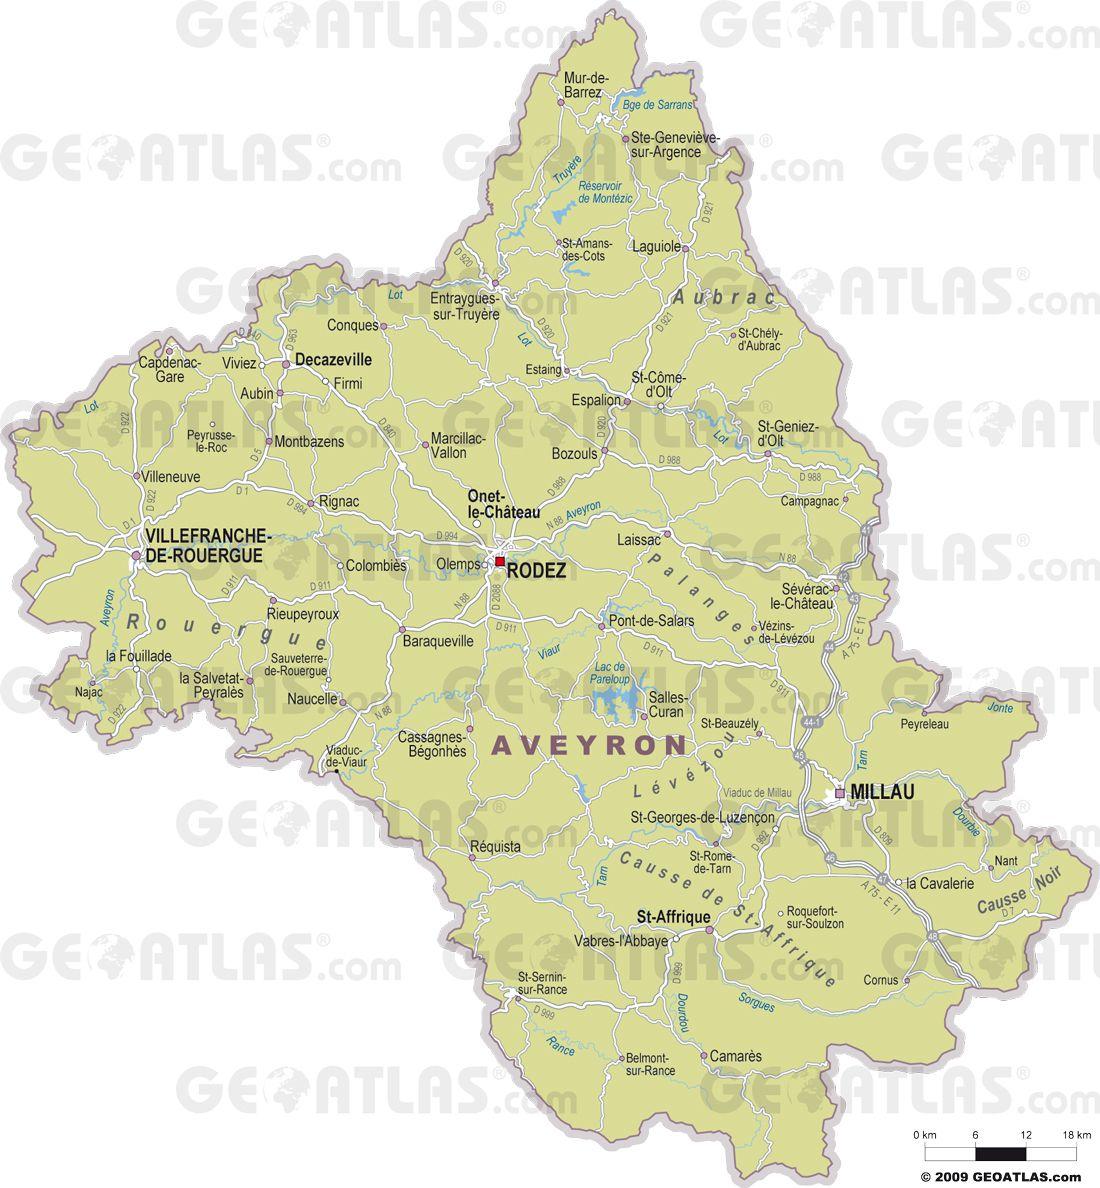 Carte de l'Aveyron - Aveyron carte des villes, politique, sites touristiques